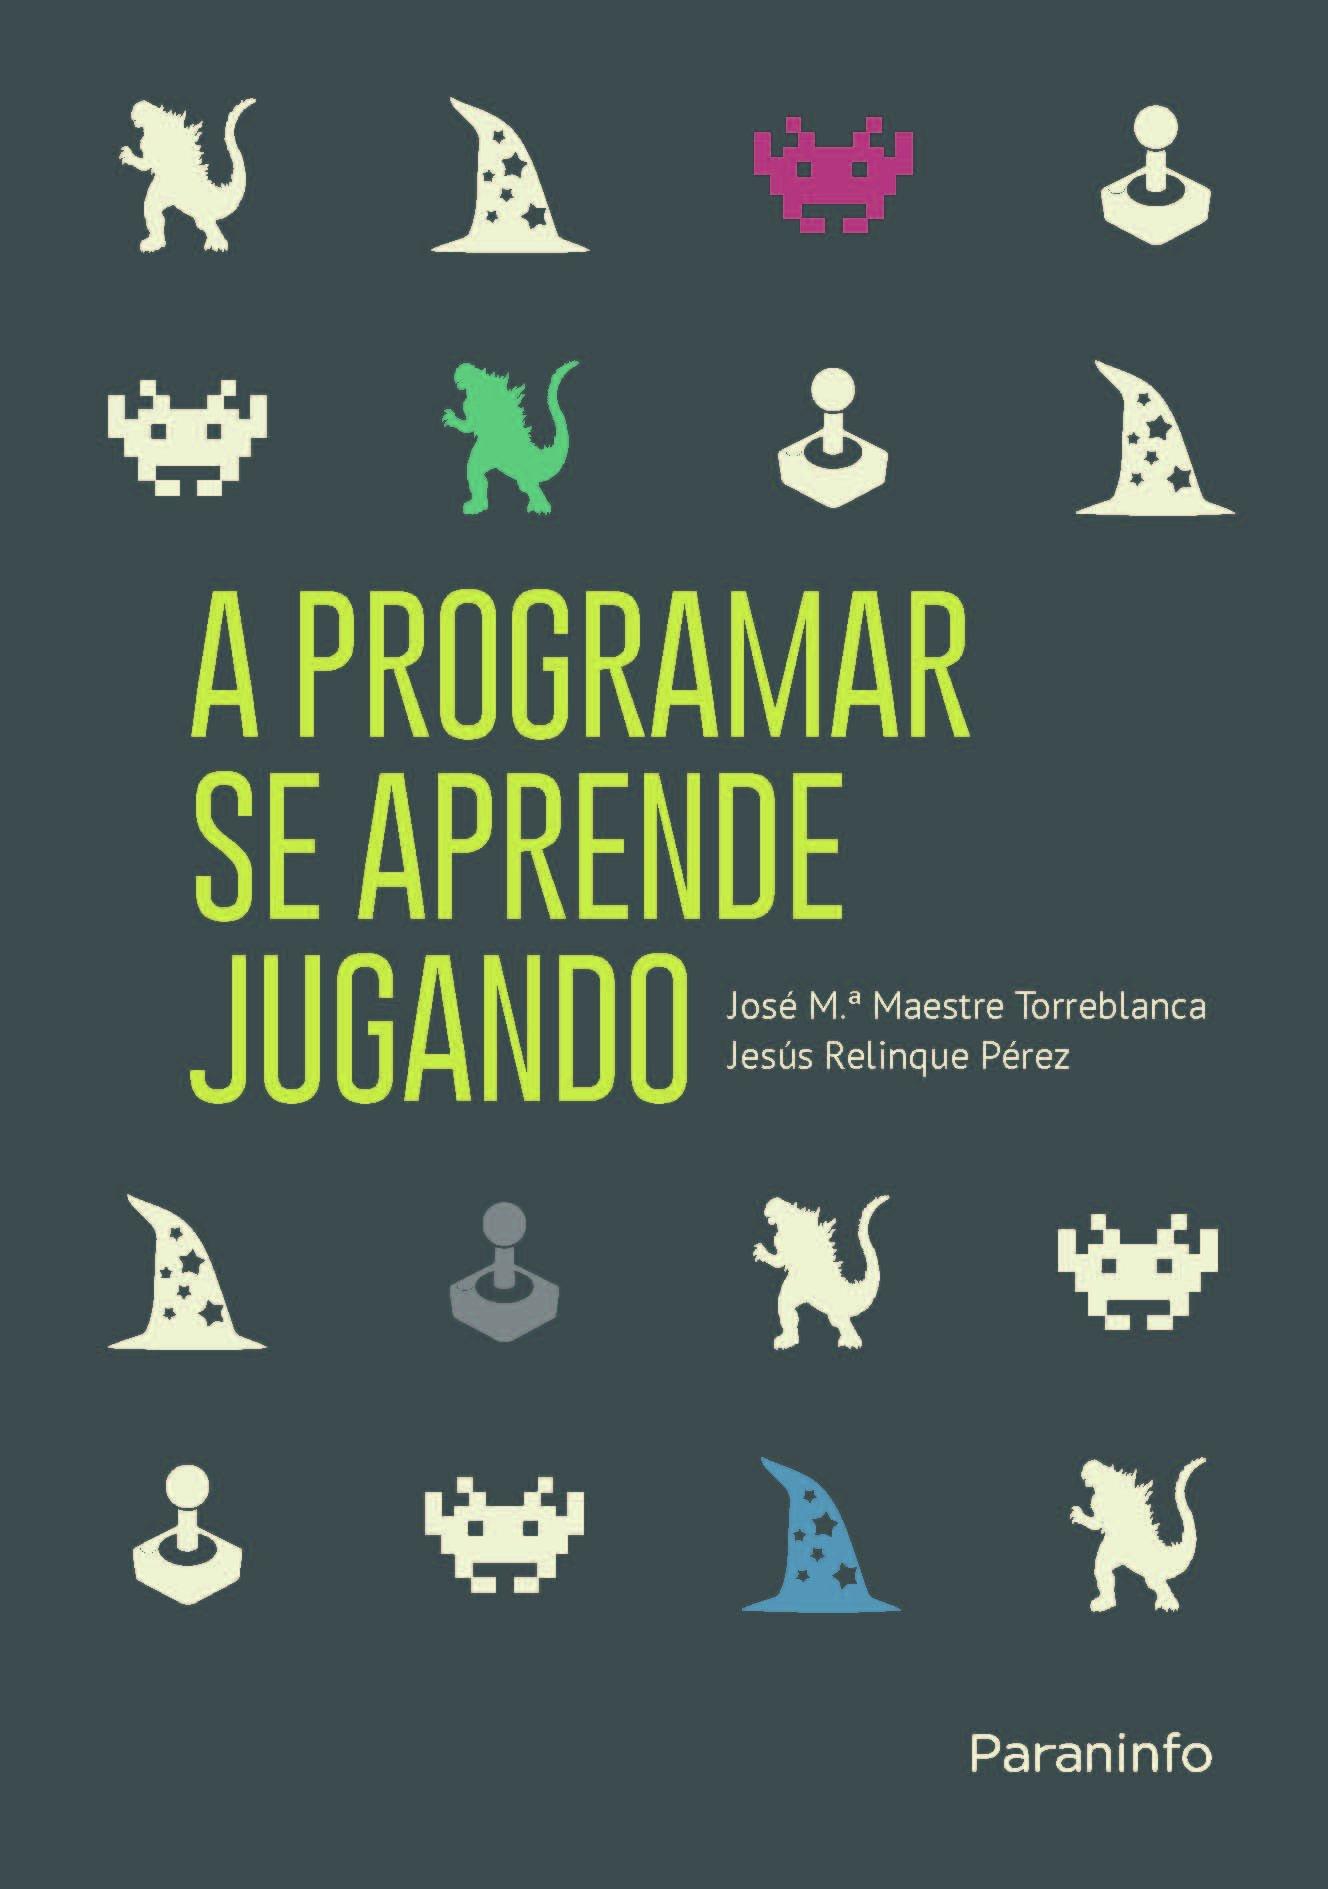 A programar se aprende jugando: Amazon.es: JOSE Mª MAESTRE TORREBLANCA, JESÚS RELINQUE PÉREZ: Libros